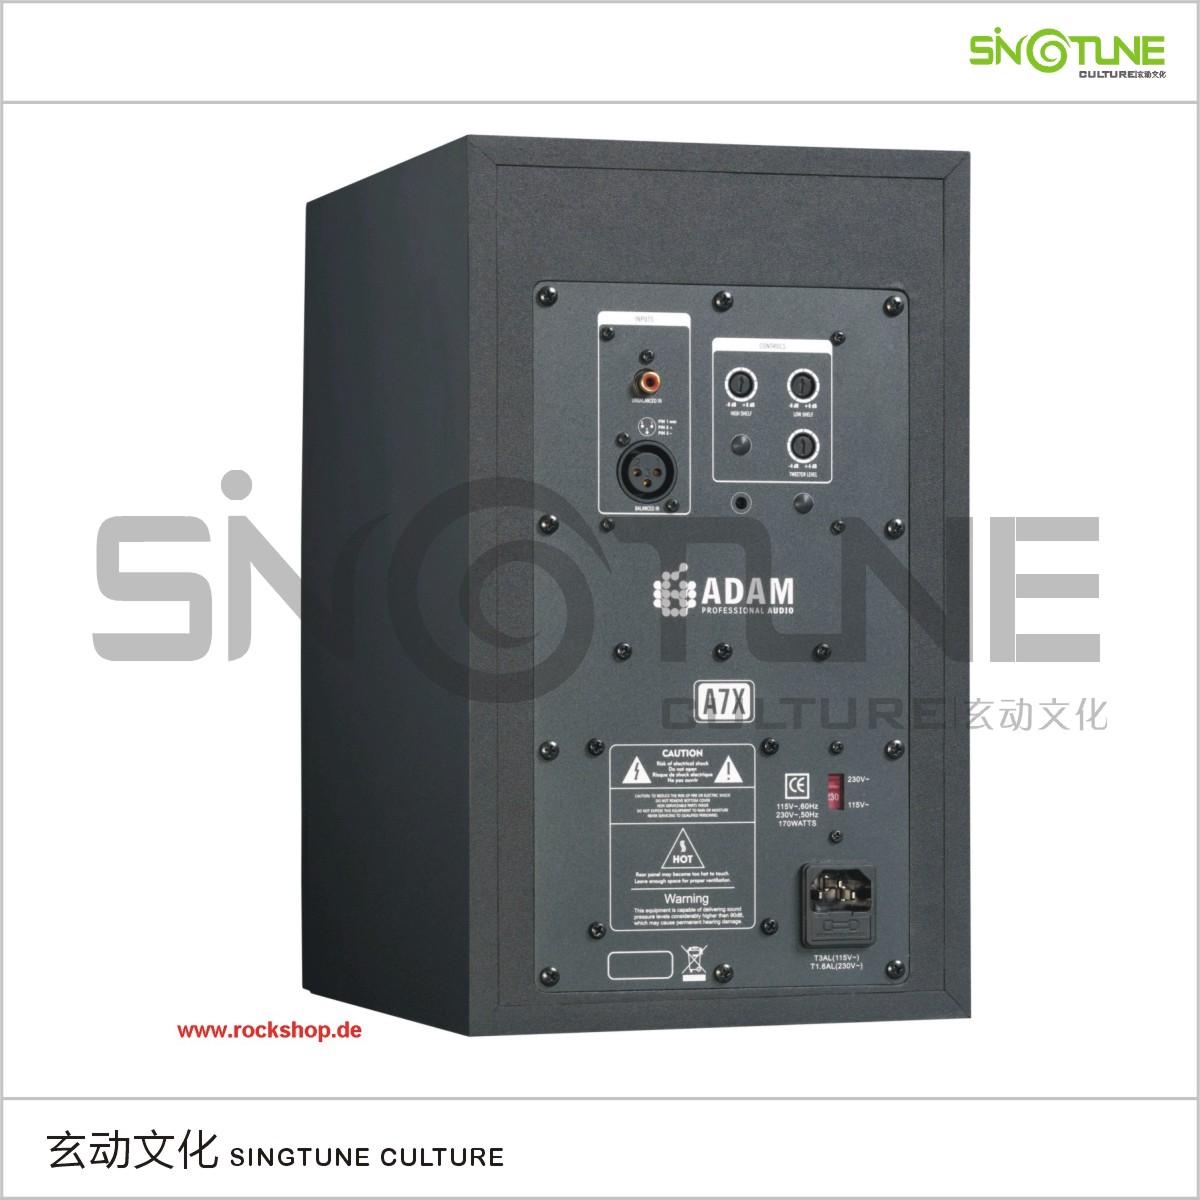 звуковые устройства Альто лицензированных Adam A7X active монитор динамики (пара) гарантия 5 лет